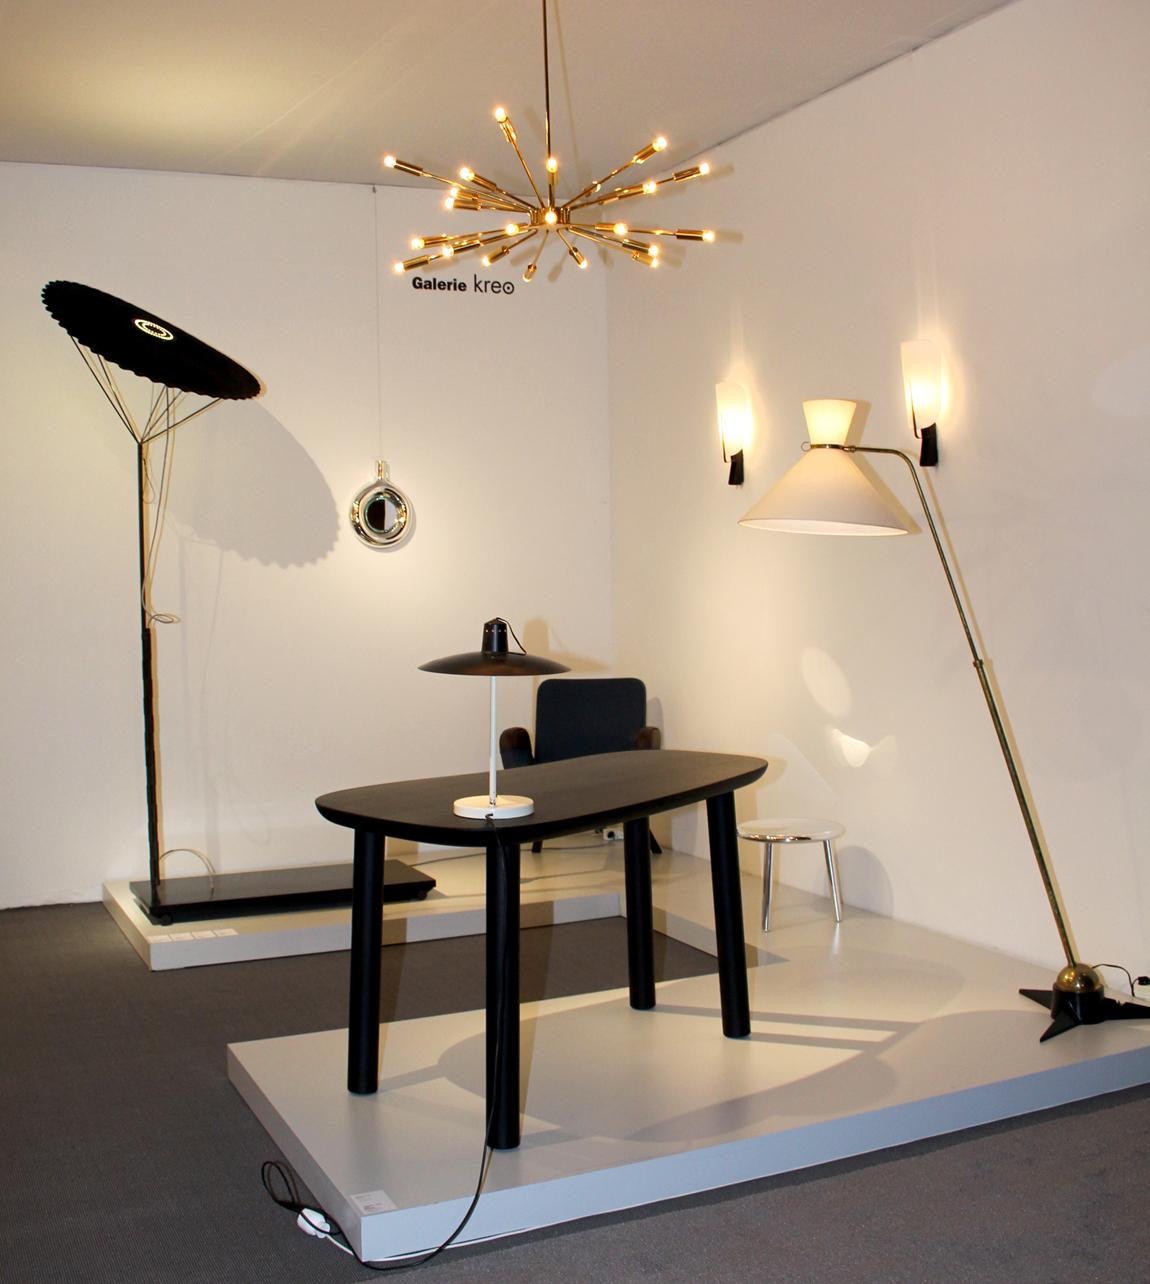 Galerie Kreo, Paris